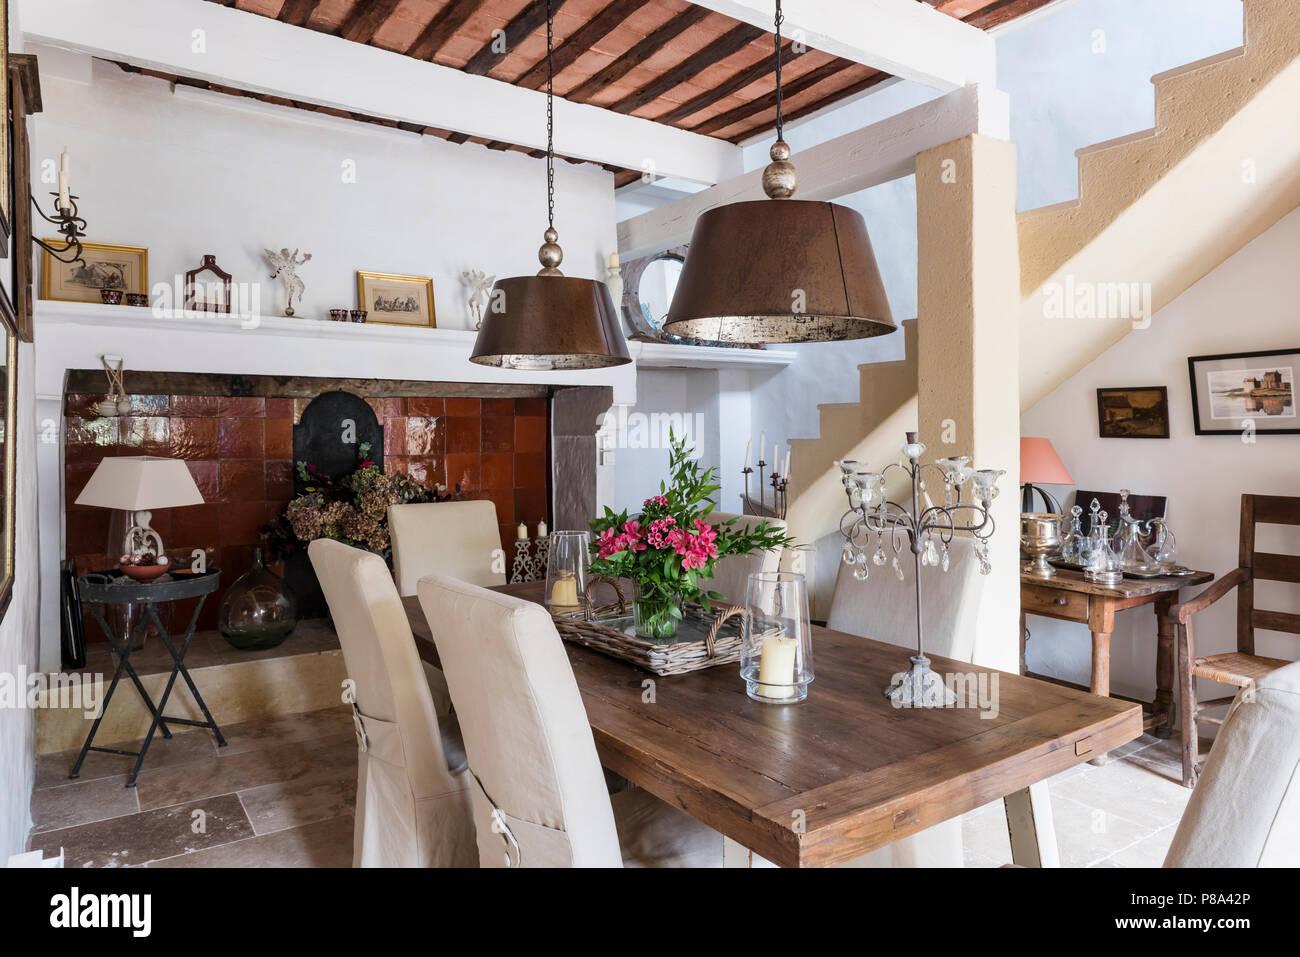 Lampade Sopra Tavolo Da Pranzo metallo grandi lampade pensili sopra tavolo da pranzo in